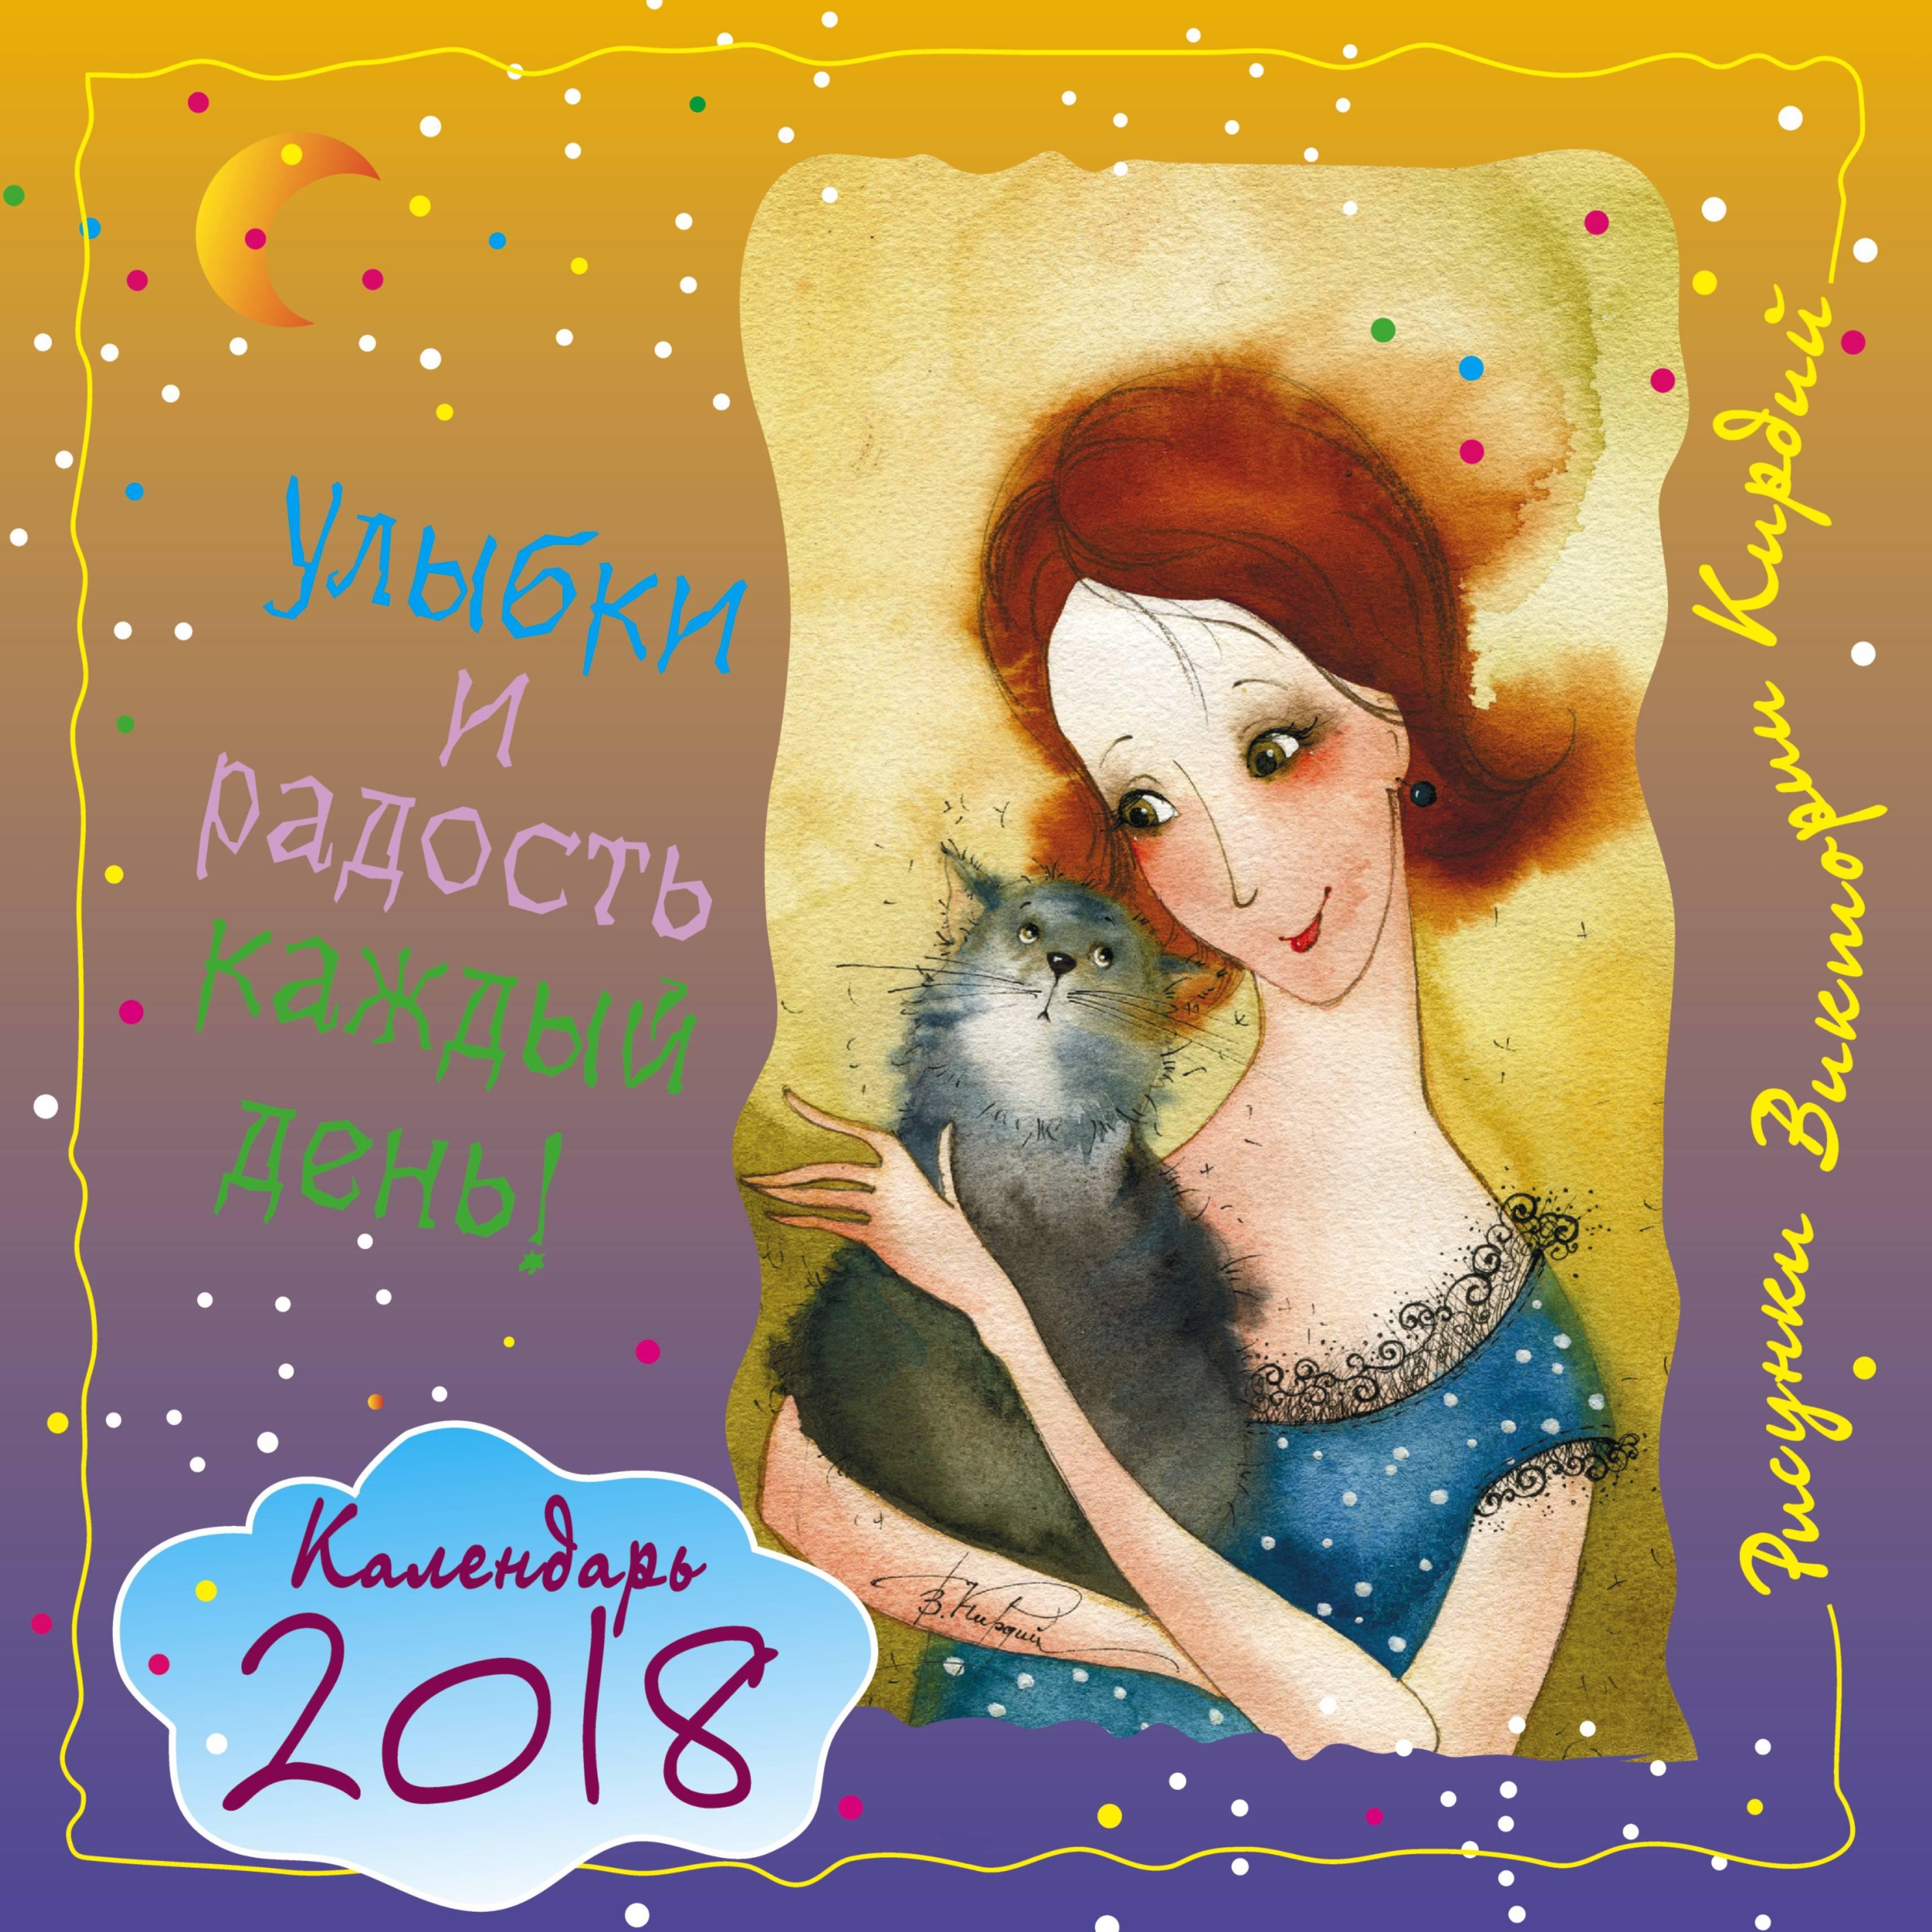 Календарь 2018 (на скрепке). Улыбки и радость каждый день! праздник каждый день каплунова